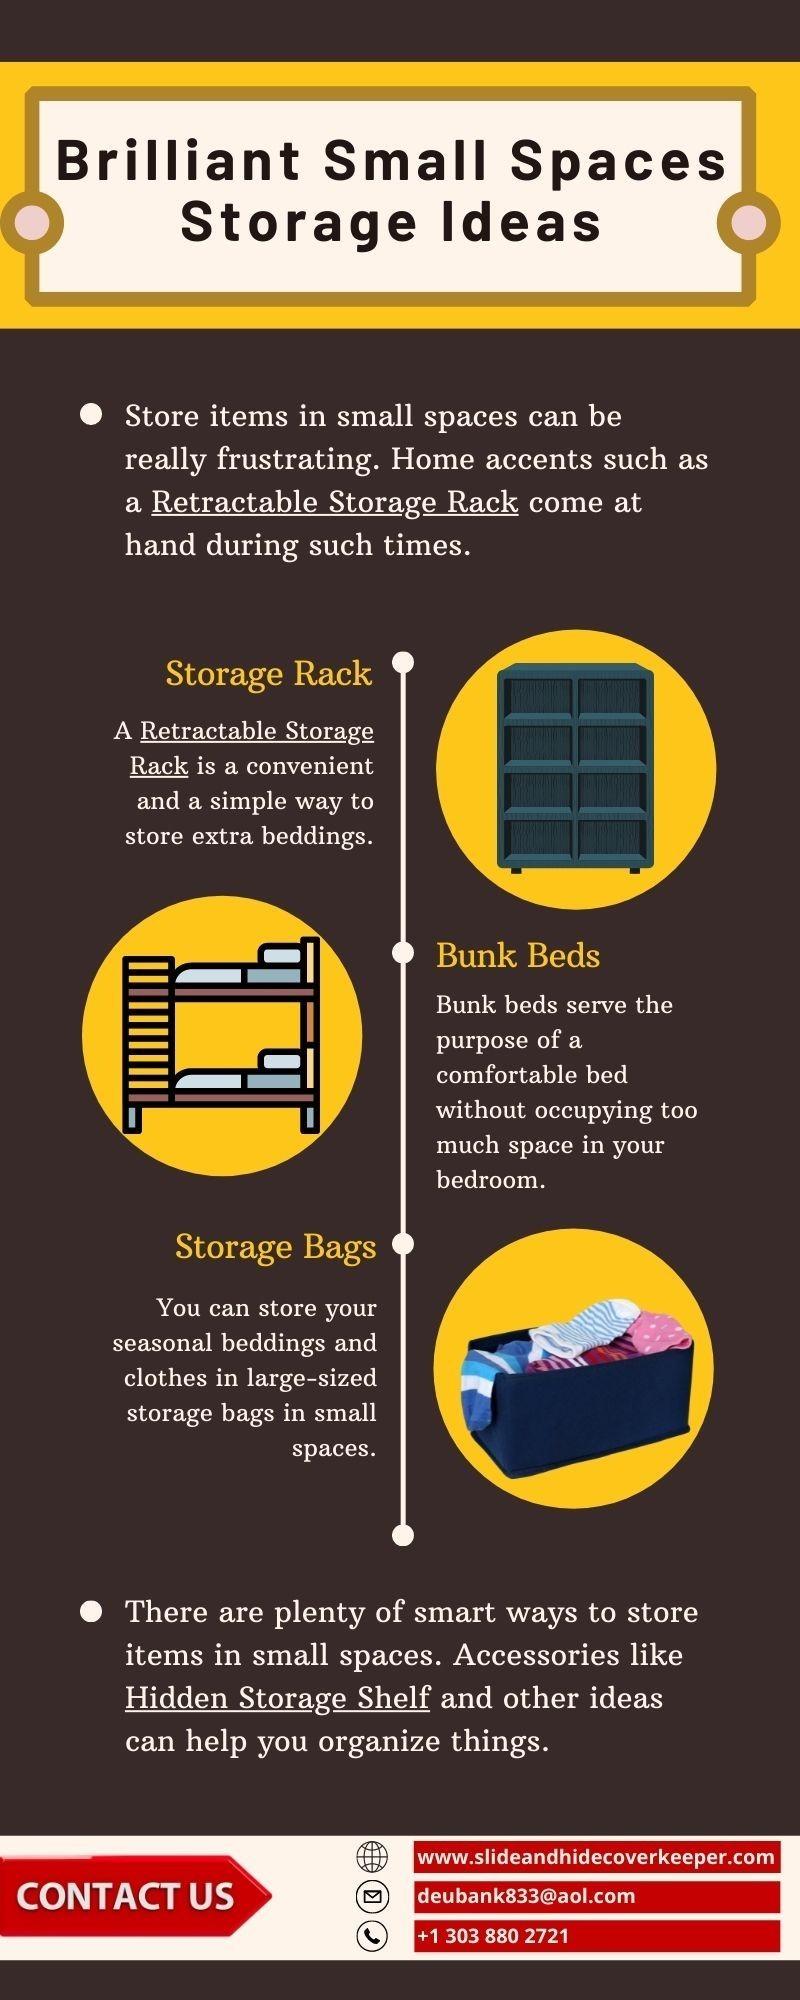 Brilliant Small Spaces Storage Ideas